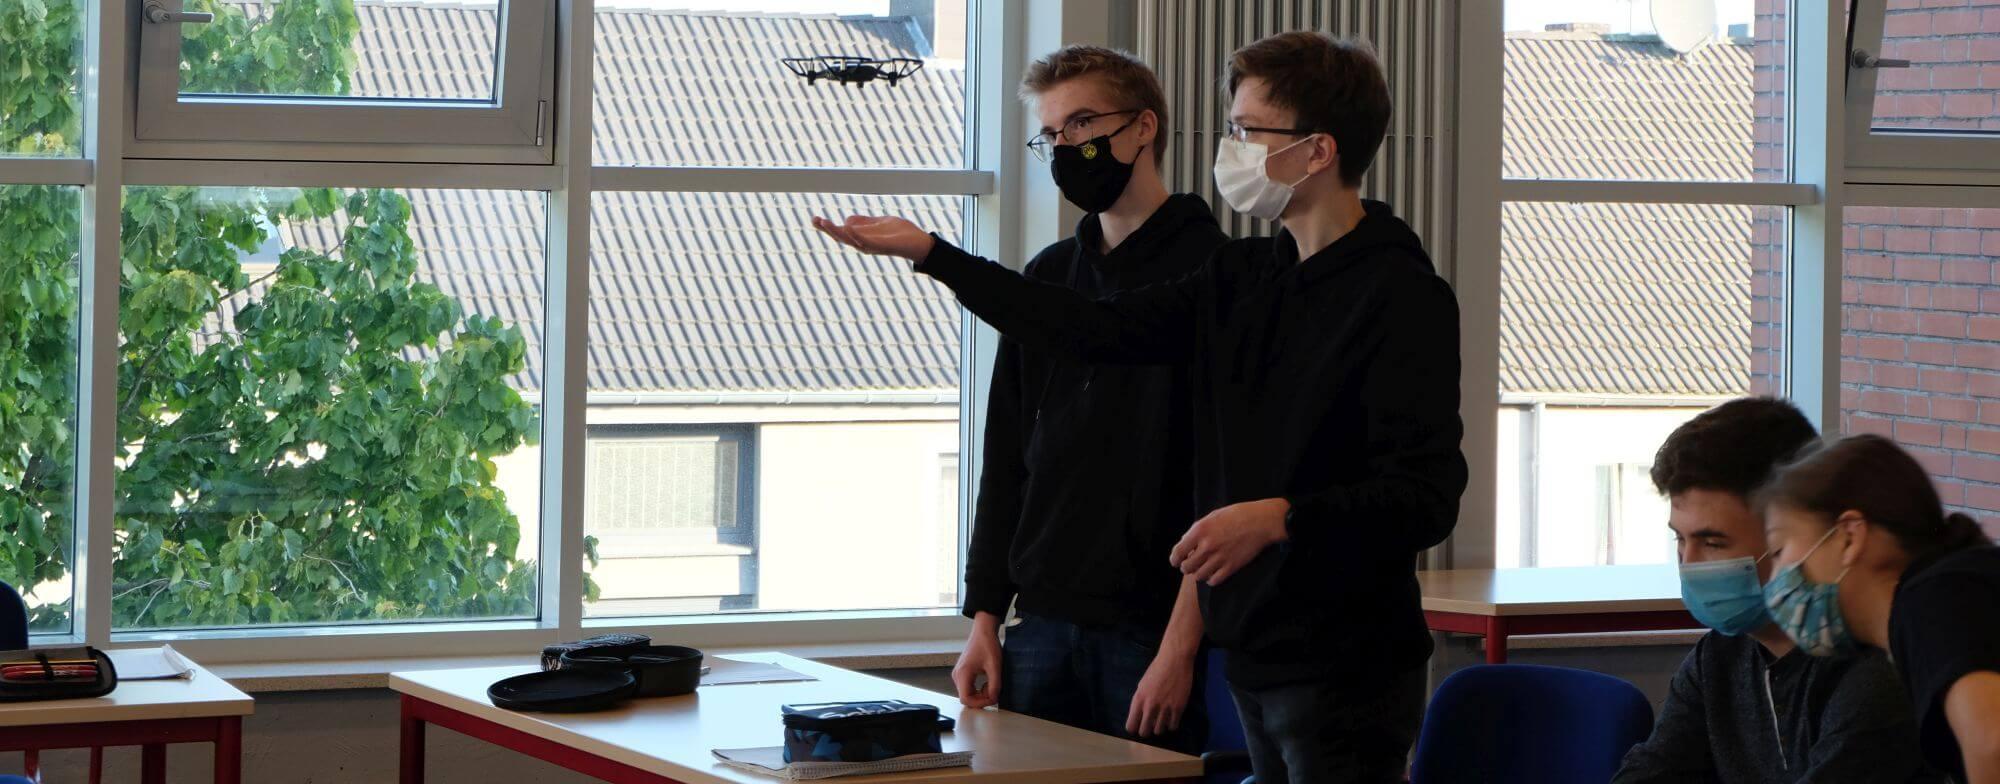 Zwei Teilnehmer mit fliegender Drohne bei einem Drohnen-Workshop